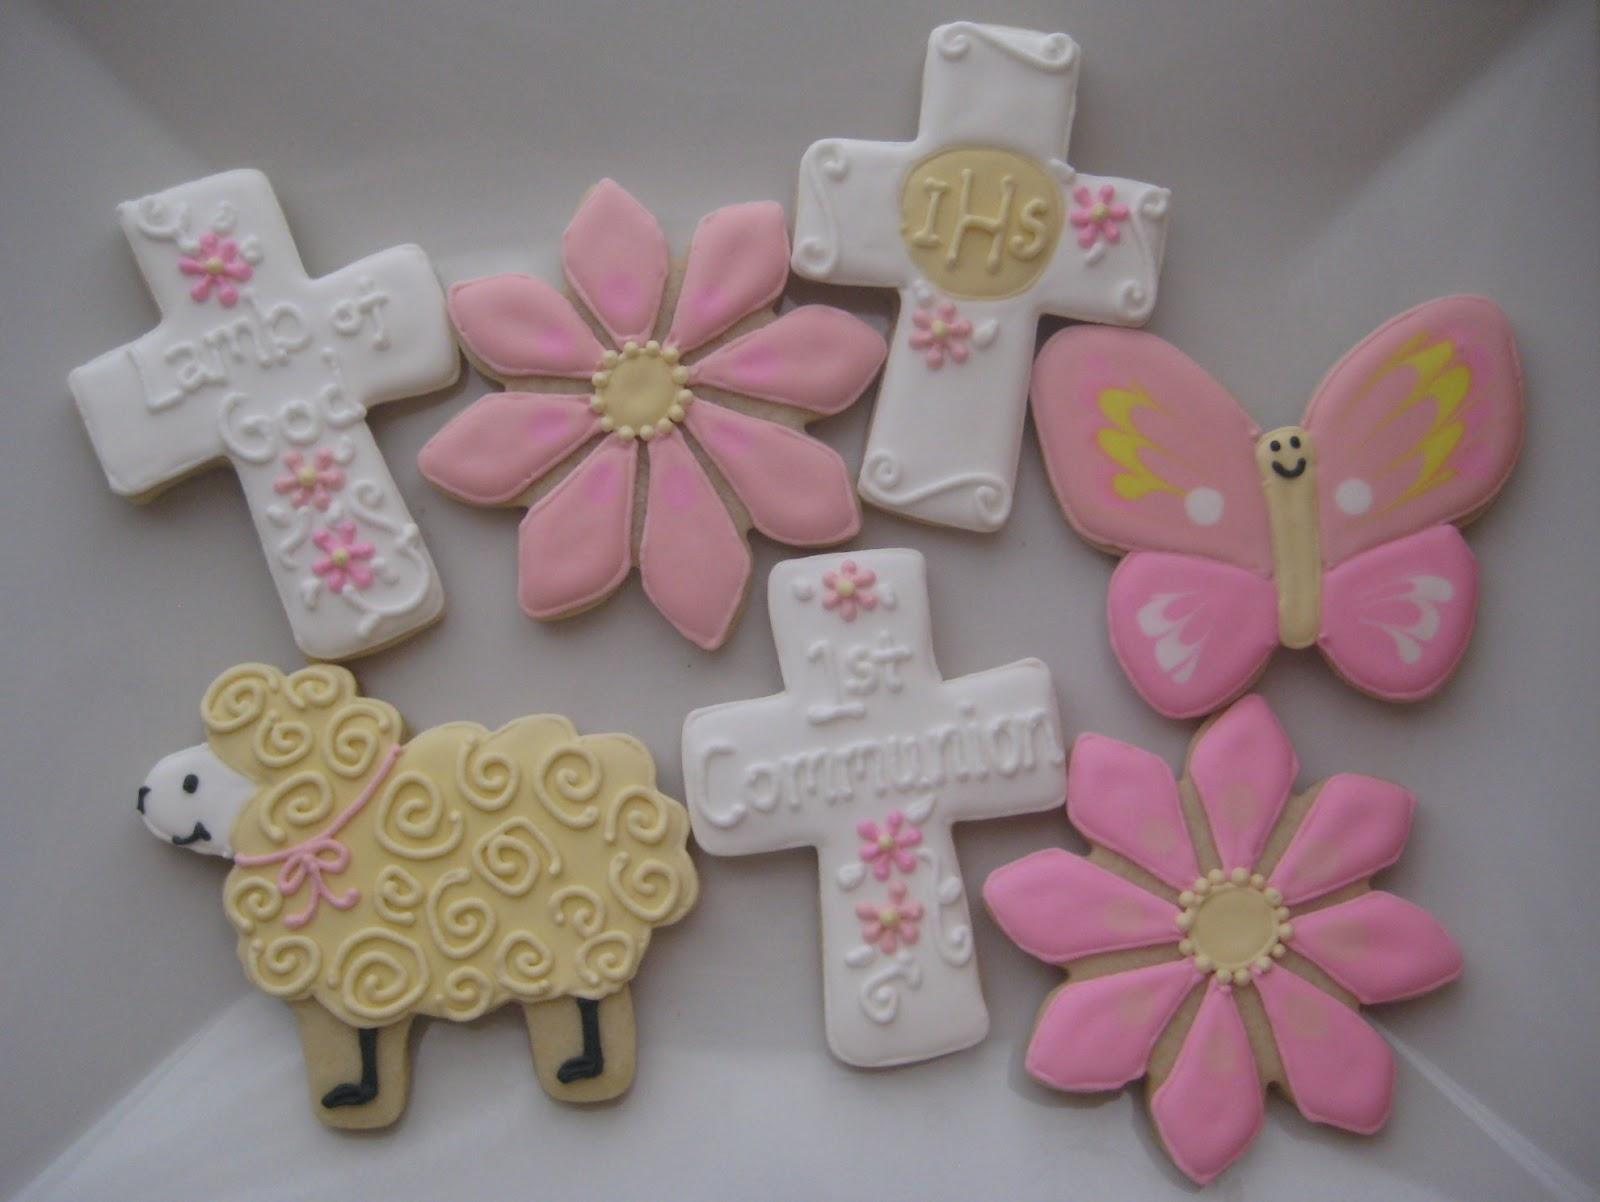 abbastanza Biscotti decorati per la Prima Comunione : Blogmamma.it JF16